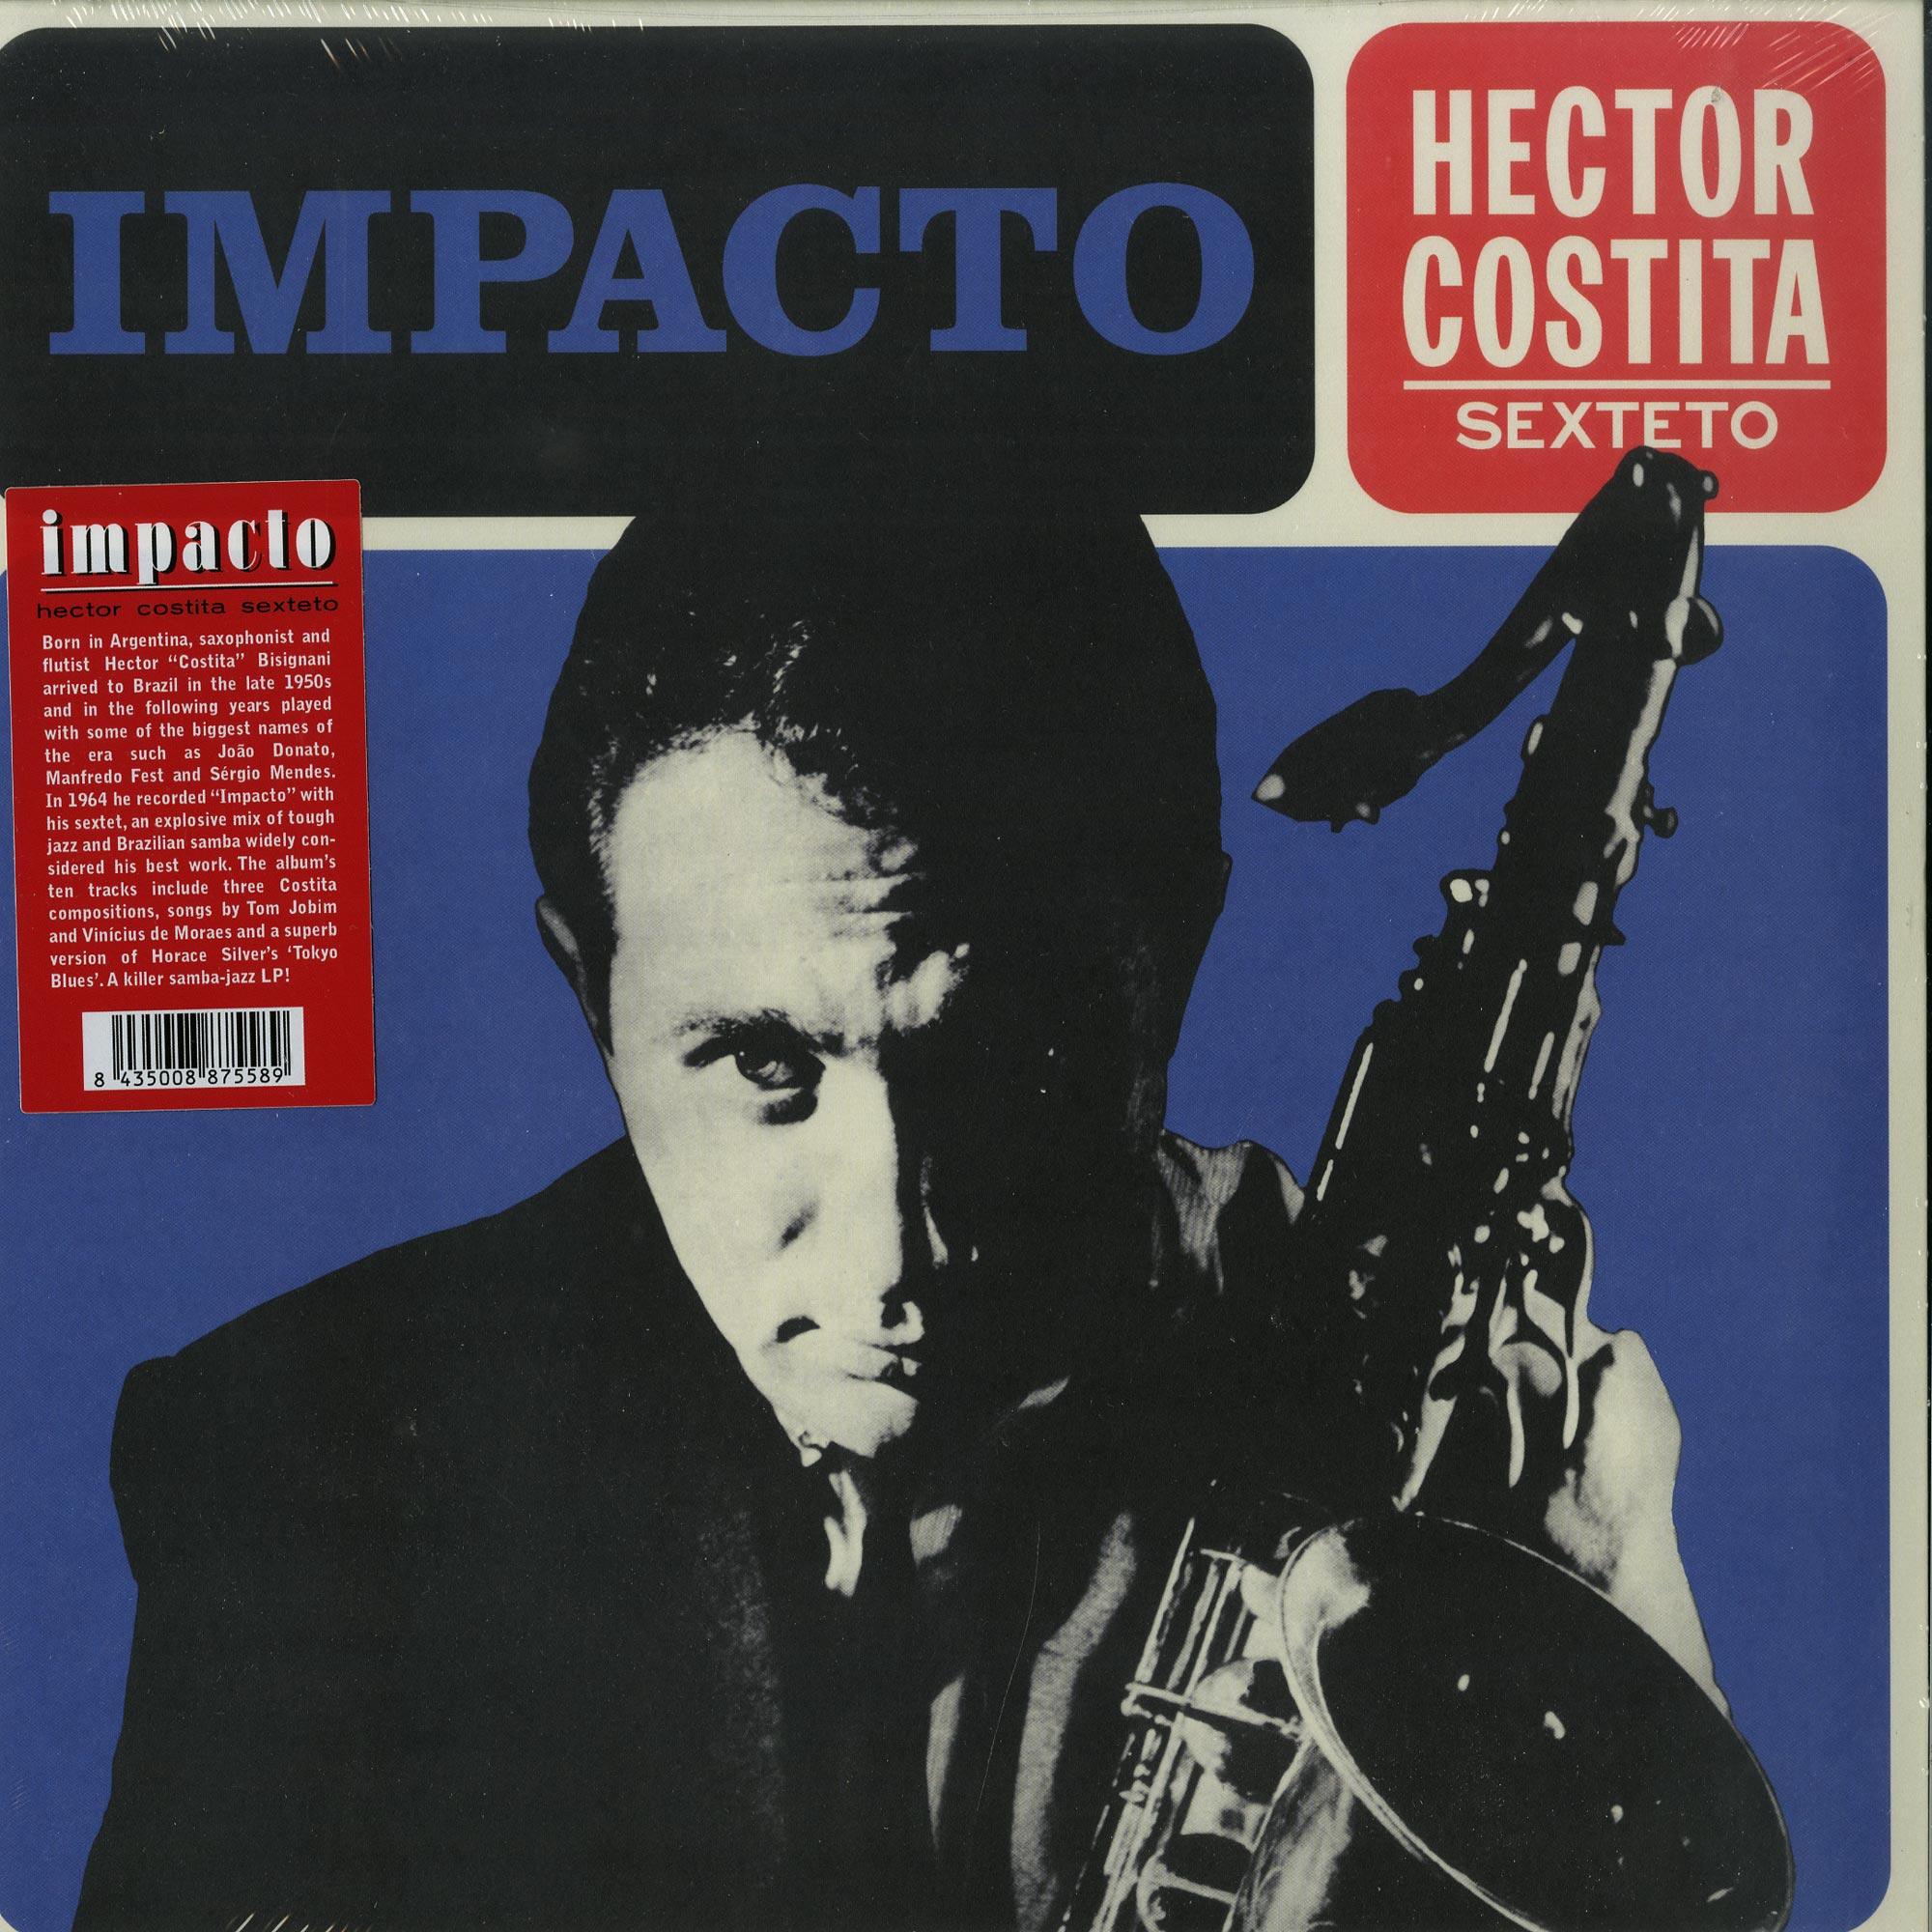 Hector Costita Sexteto - IMPACTO